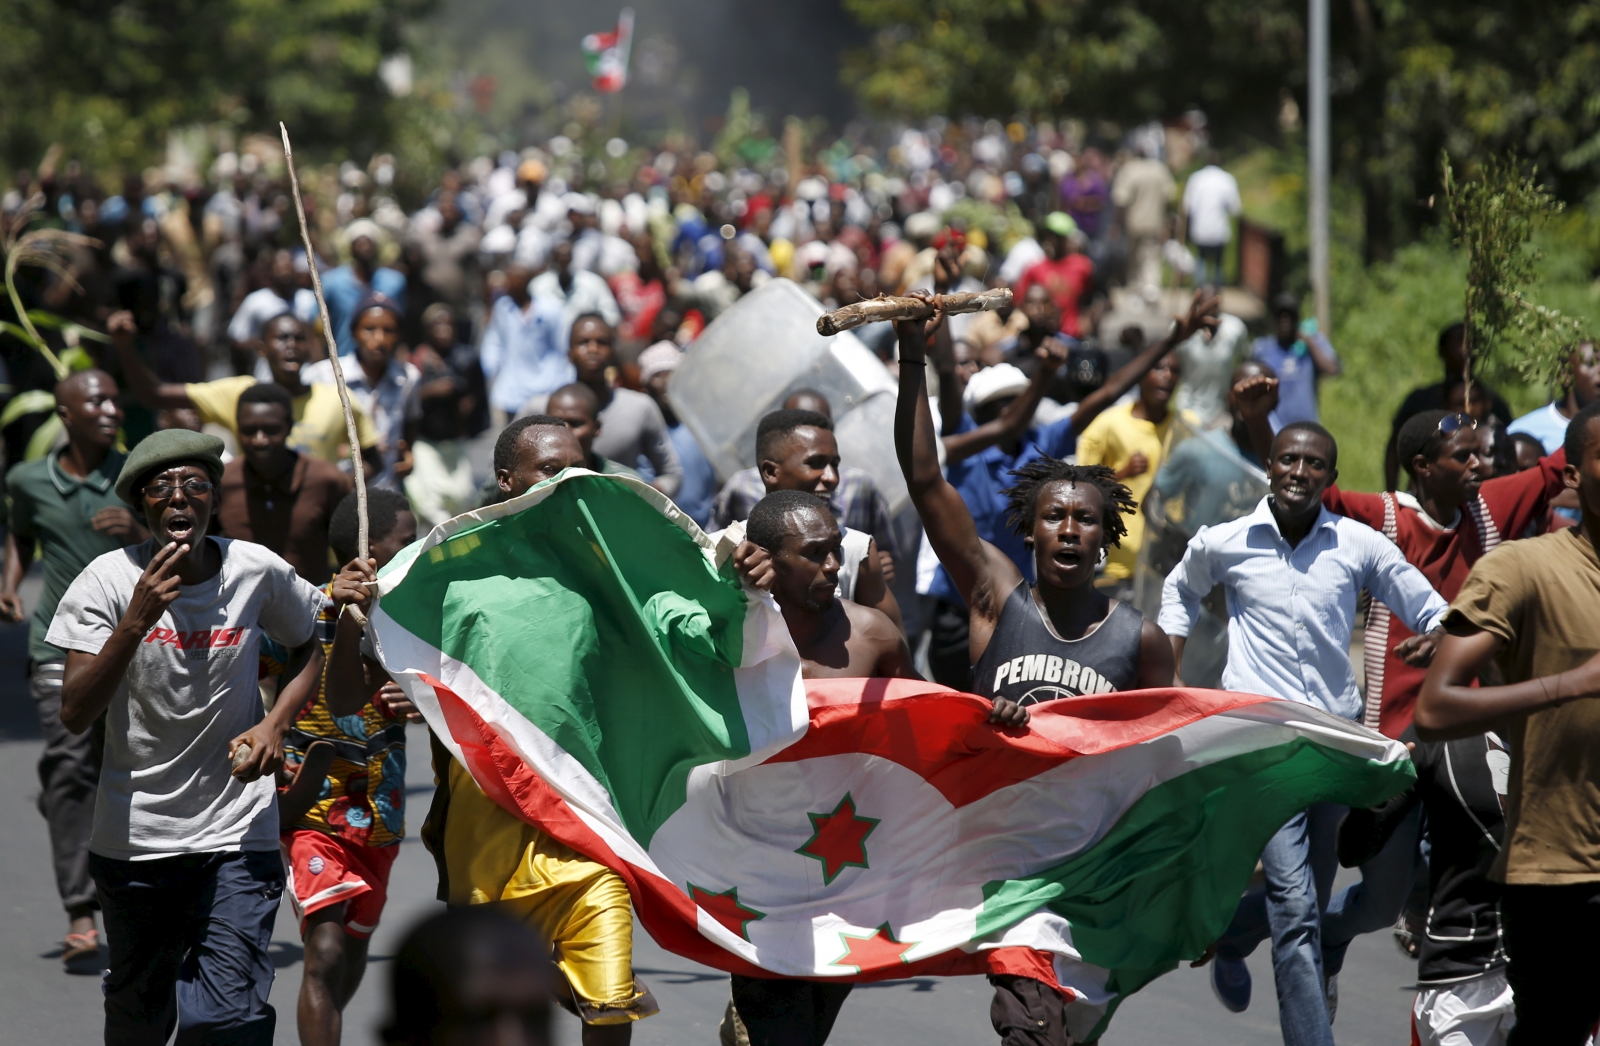 https://i1.wp.com/d.ibtimes.co.uk/en/full/1449504/burundi-protesters-flag.jpg